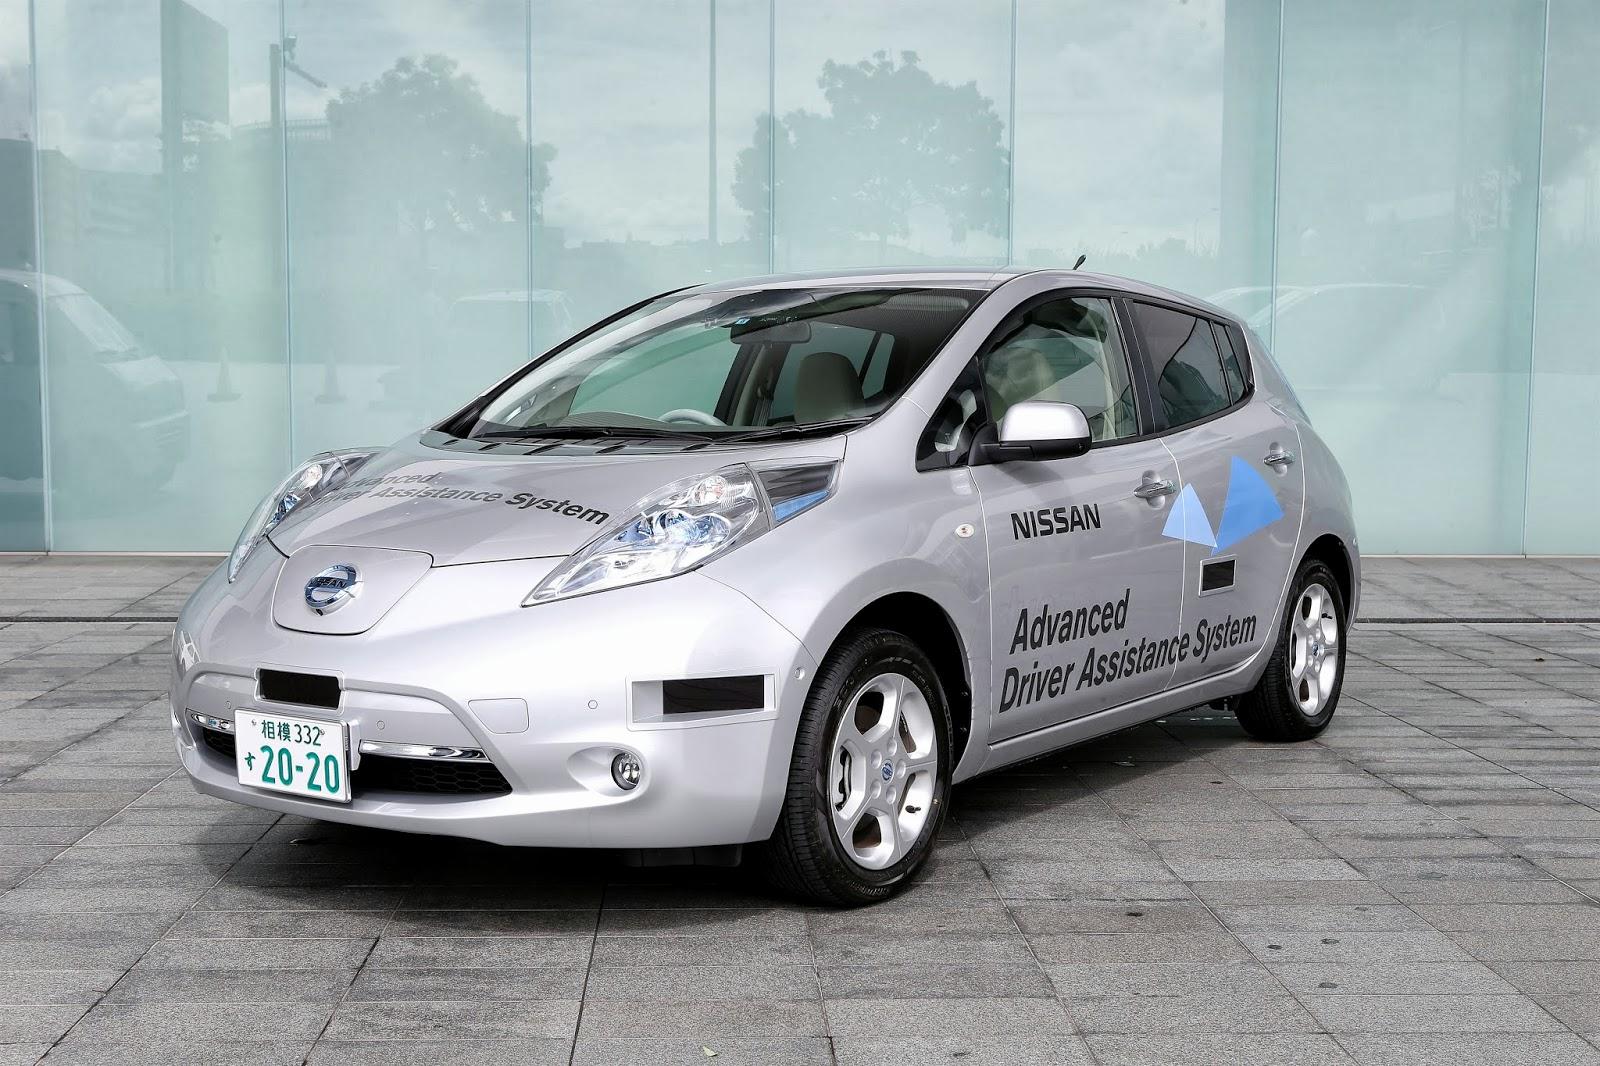 Nissan намерен приступить к коммерческому производству роботизированных электромобилей в 2020 году